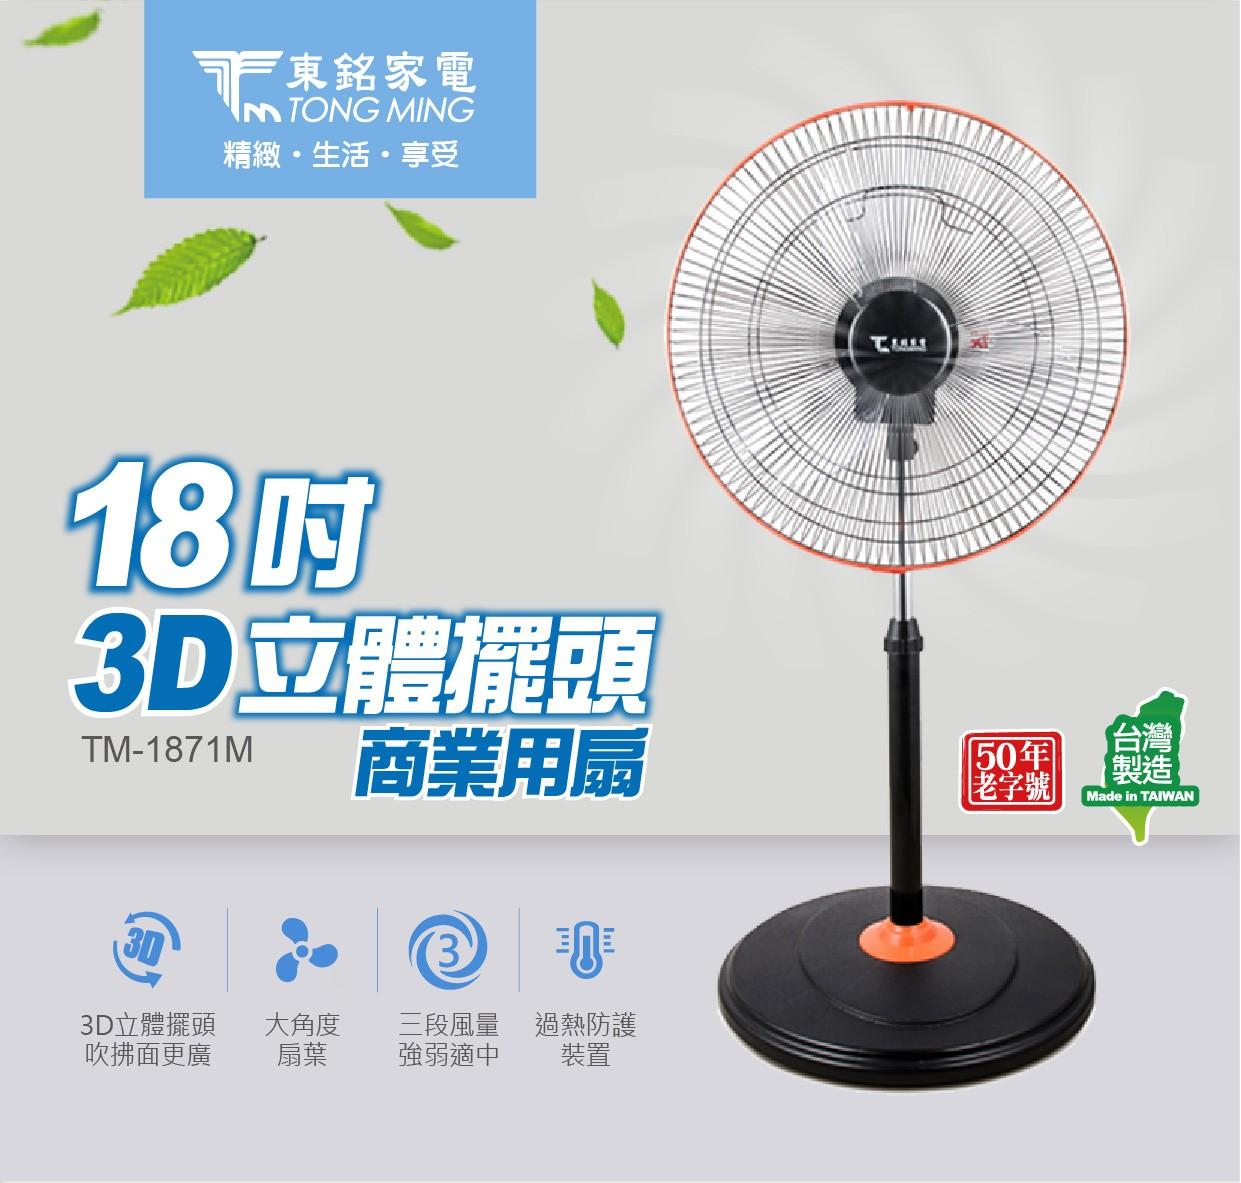 東銘 18吋3D立體擺頭商業用扇 TM-1871M 360度擺頭風扇